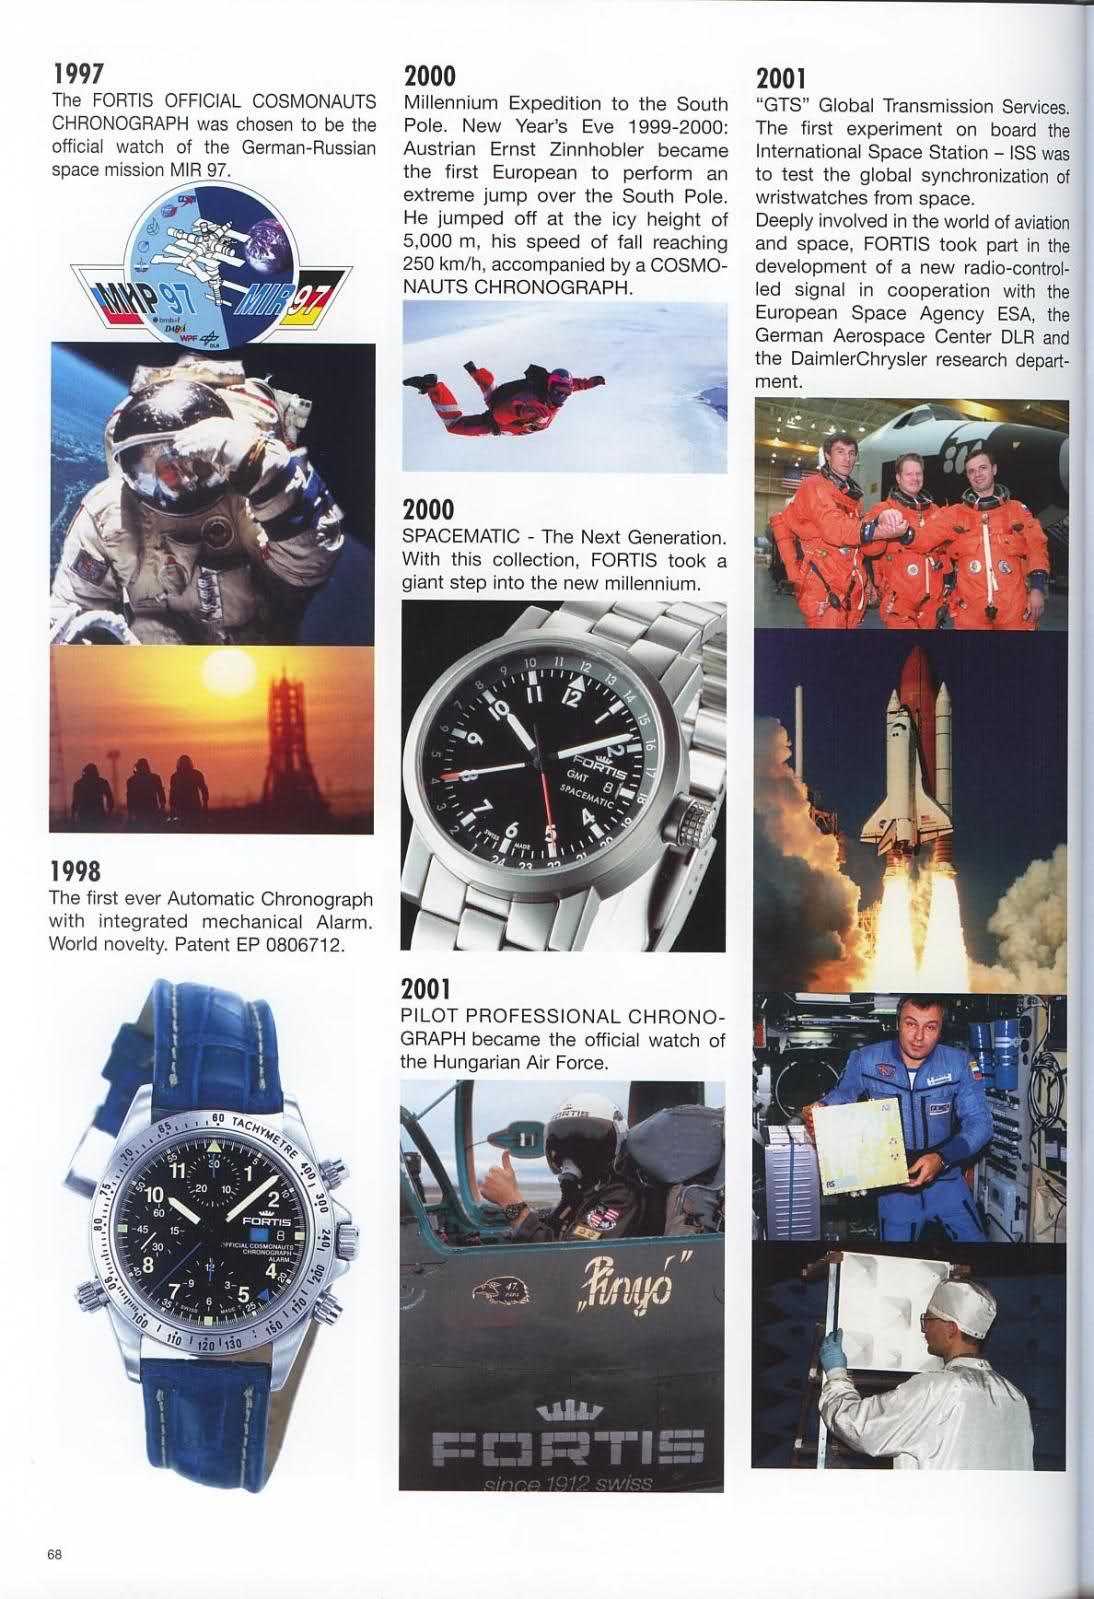 fortis - Fortis, des montres pour l'aventure ? V4xxdx